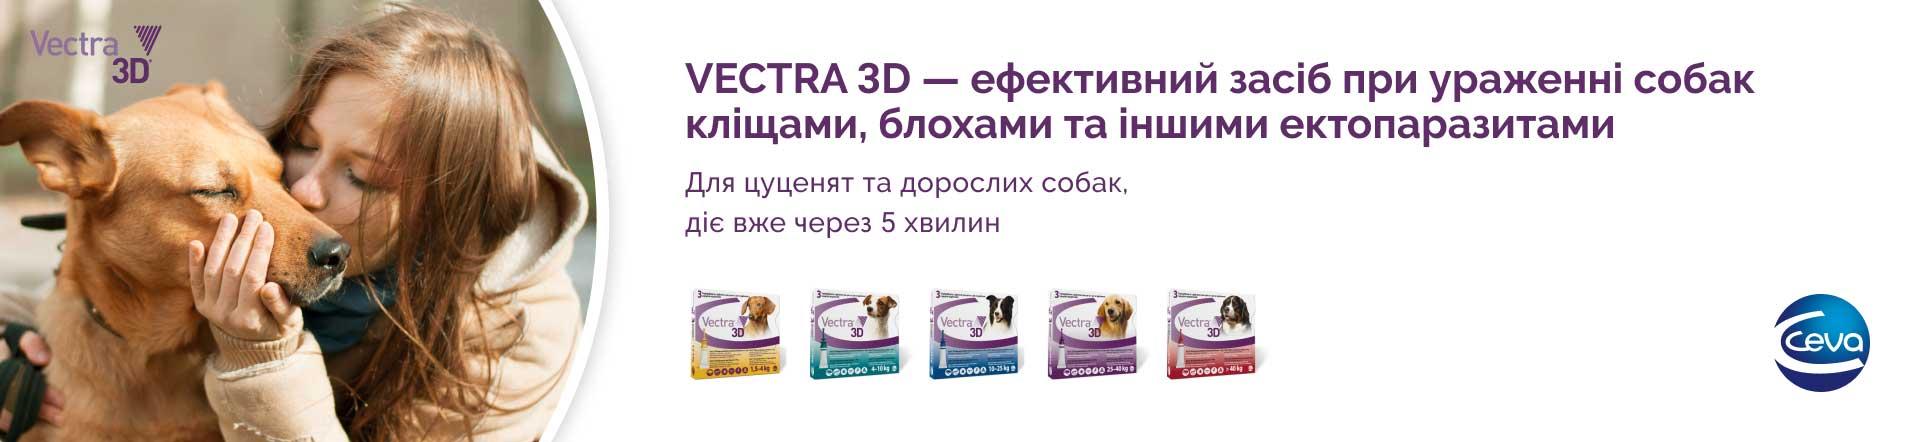 Vectra 3D - капли Вектра против блох и клещей